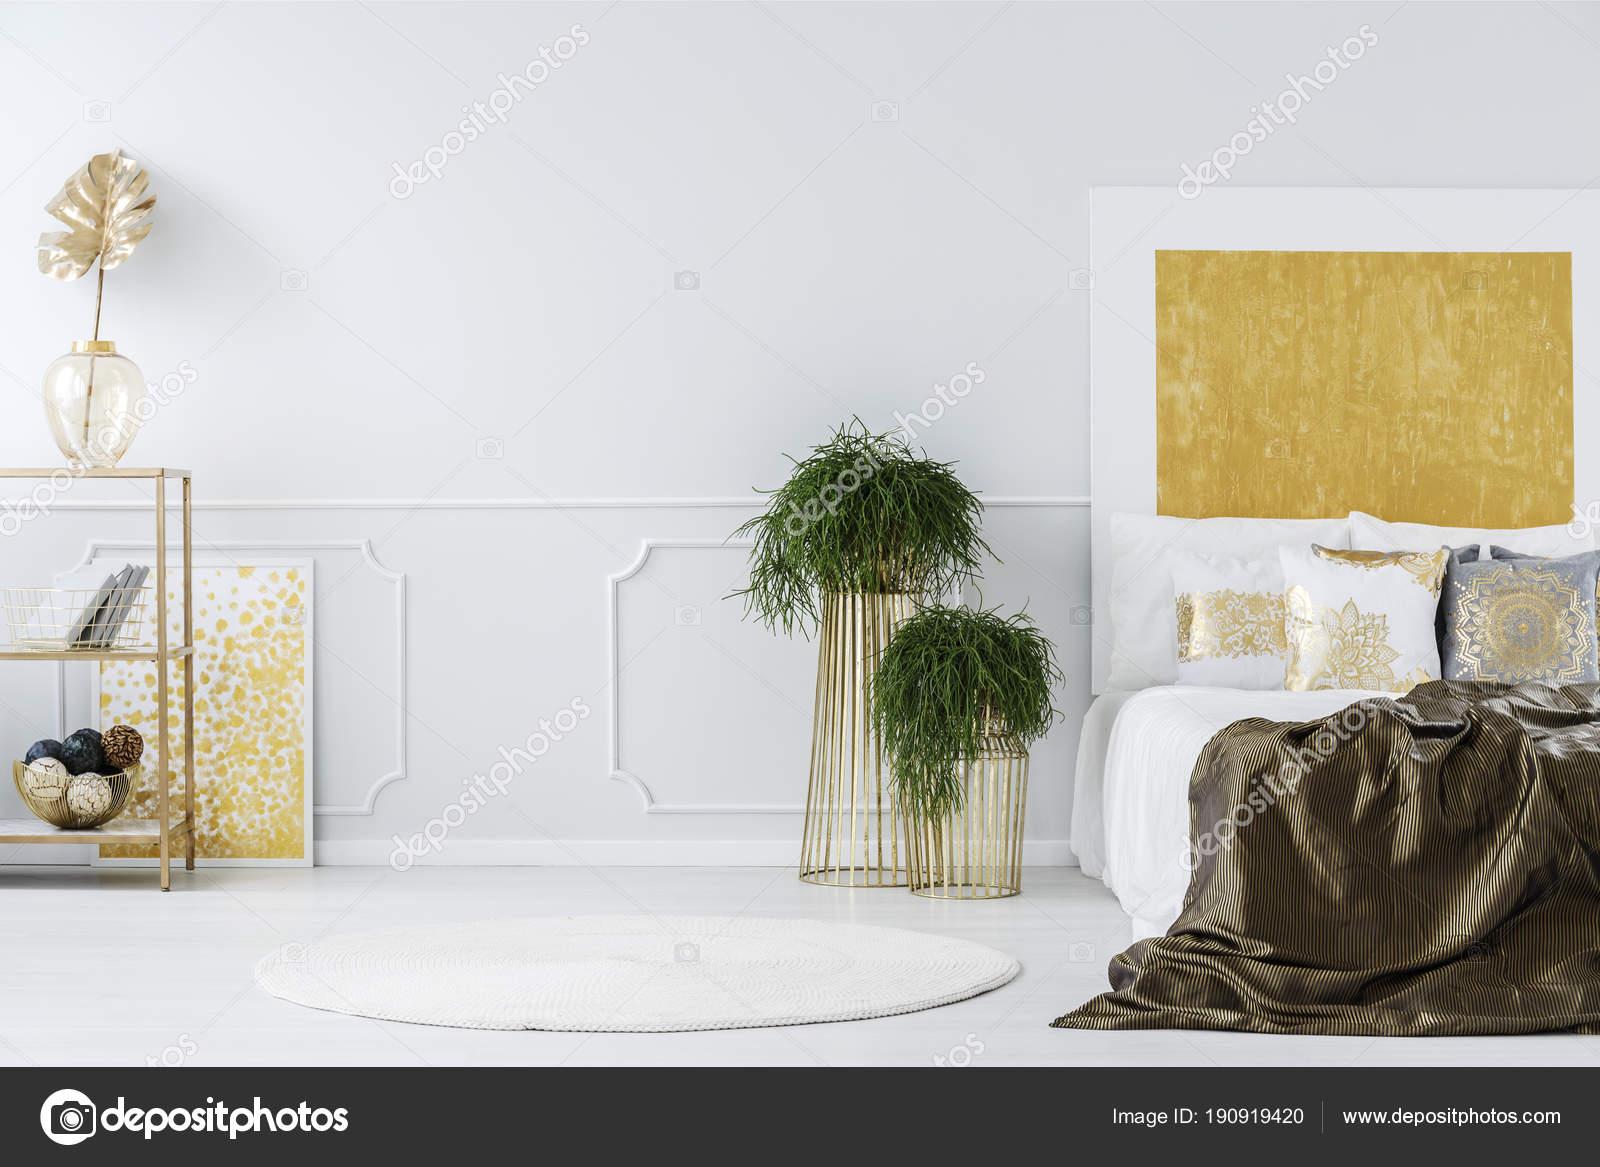 Goud schilderij in elegante slaapkamer — Stockfoto © photographee.eu ...